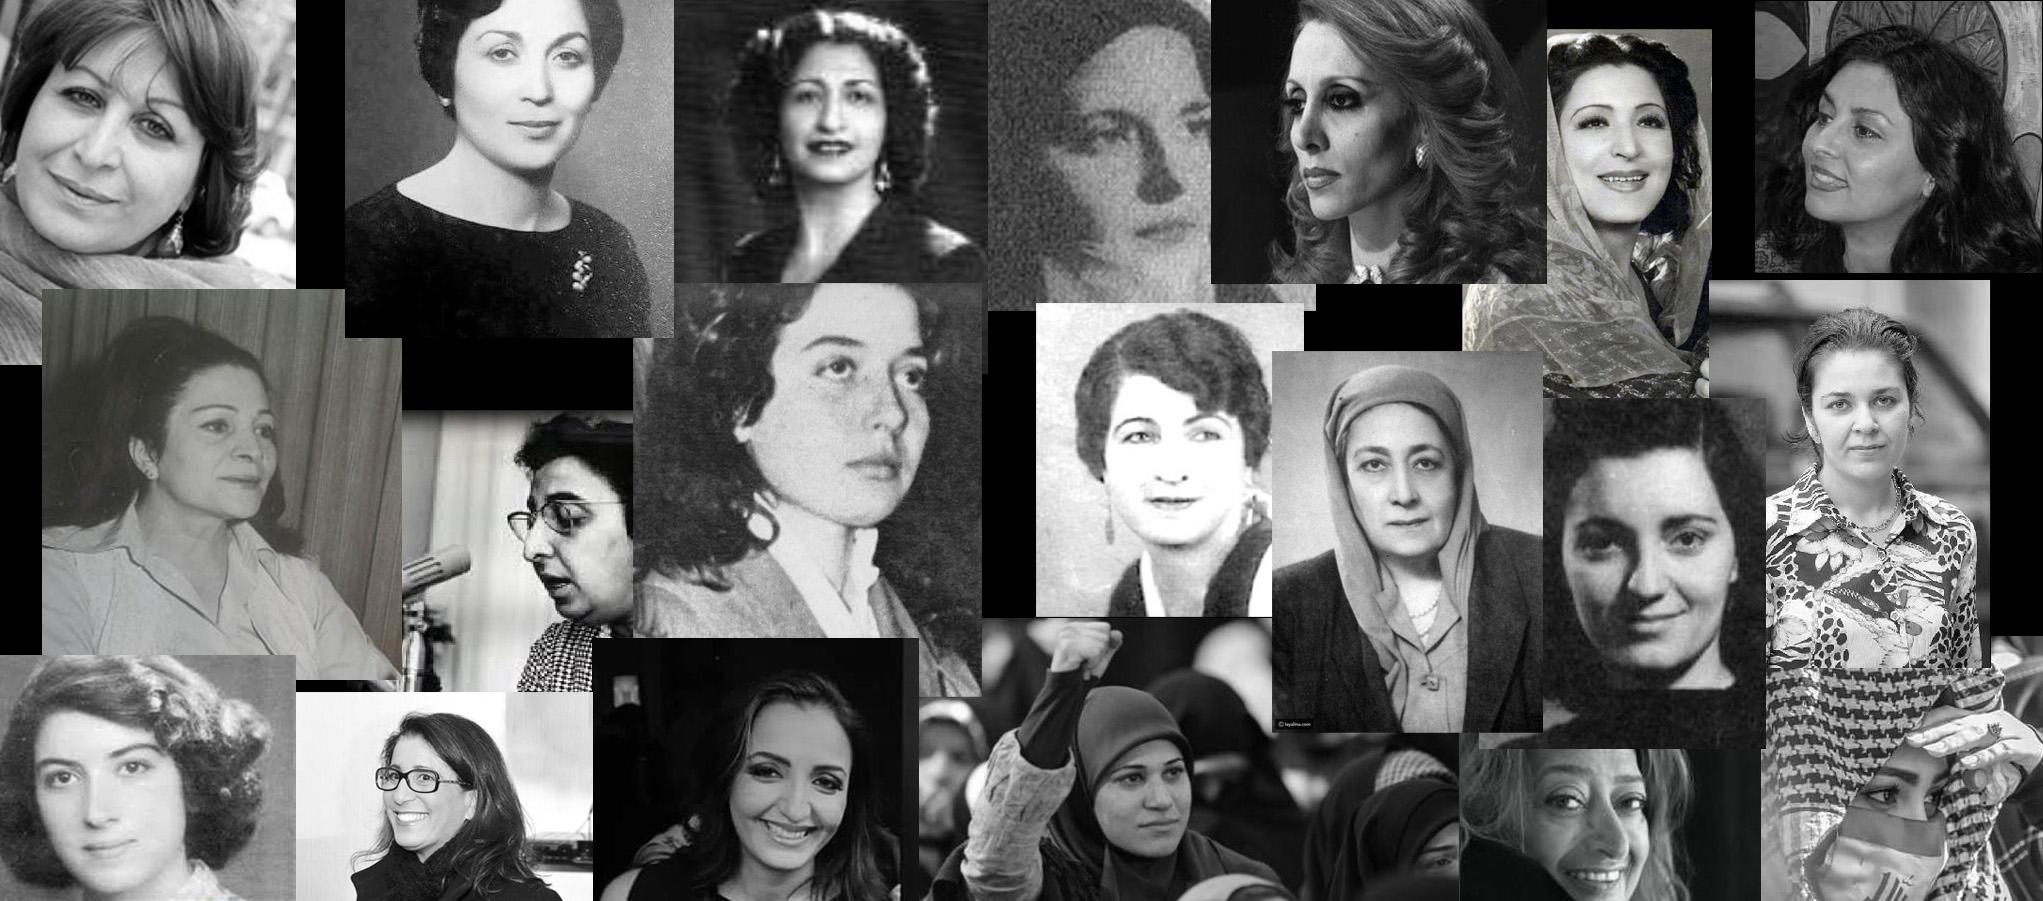 نضال المرأة ومكانتها في الحراك الجماهيري في العالم العربي